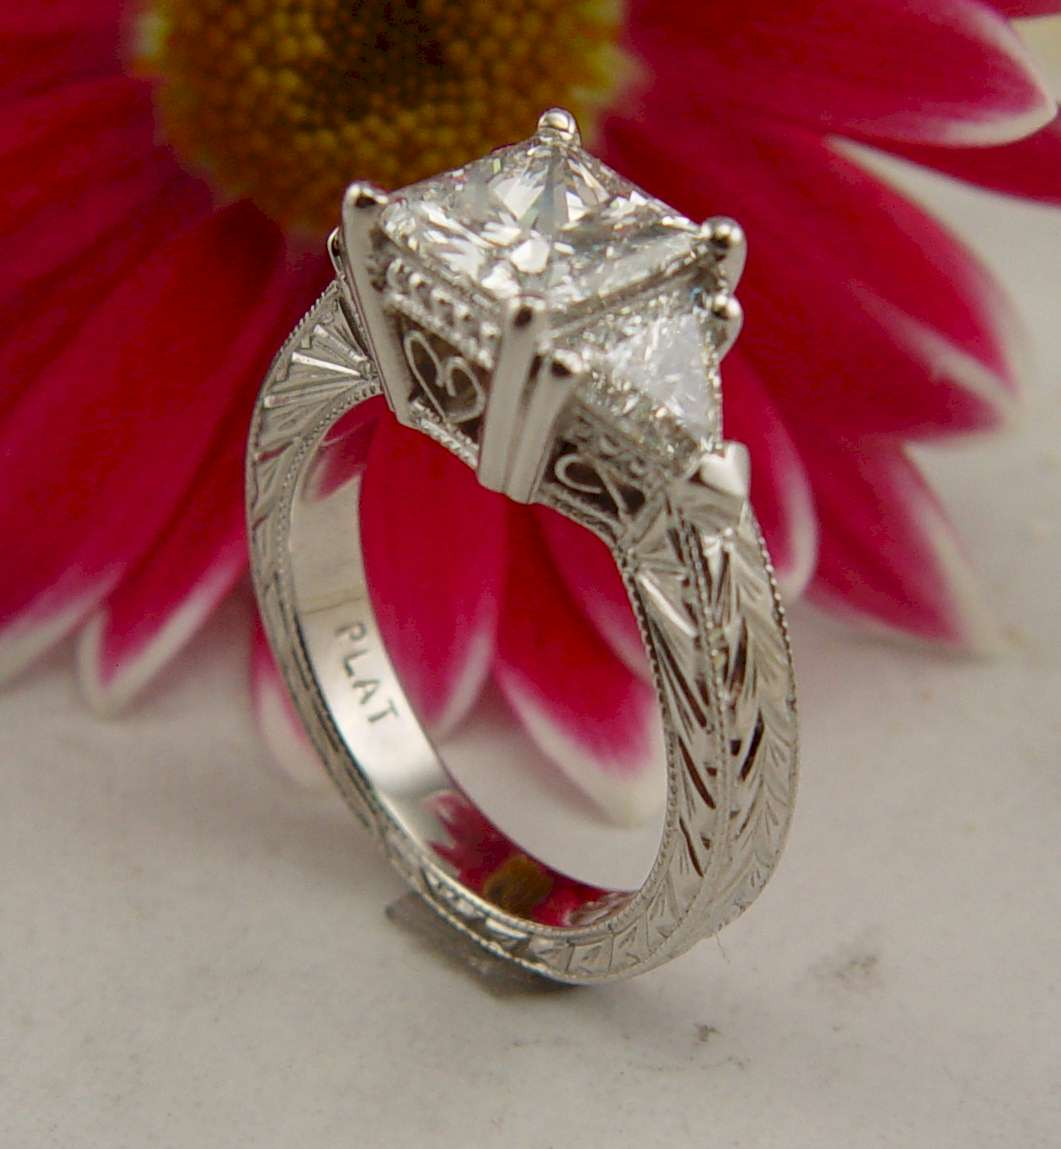 http://2.bp.blogspot.com/_OaLgiRHXjJQ/S7pm6aJArUI/AAAAAAAAATI/kmvi-0VRdk8/s1600/Emma+ring+2.jpg